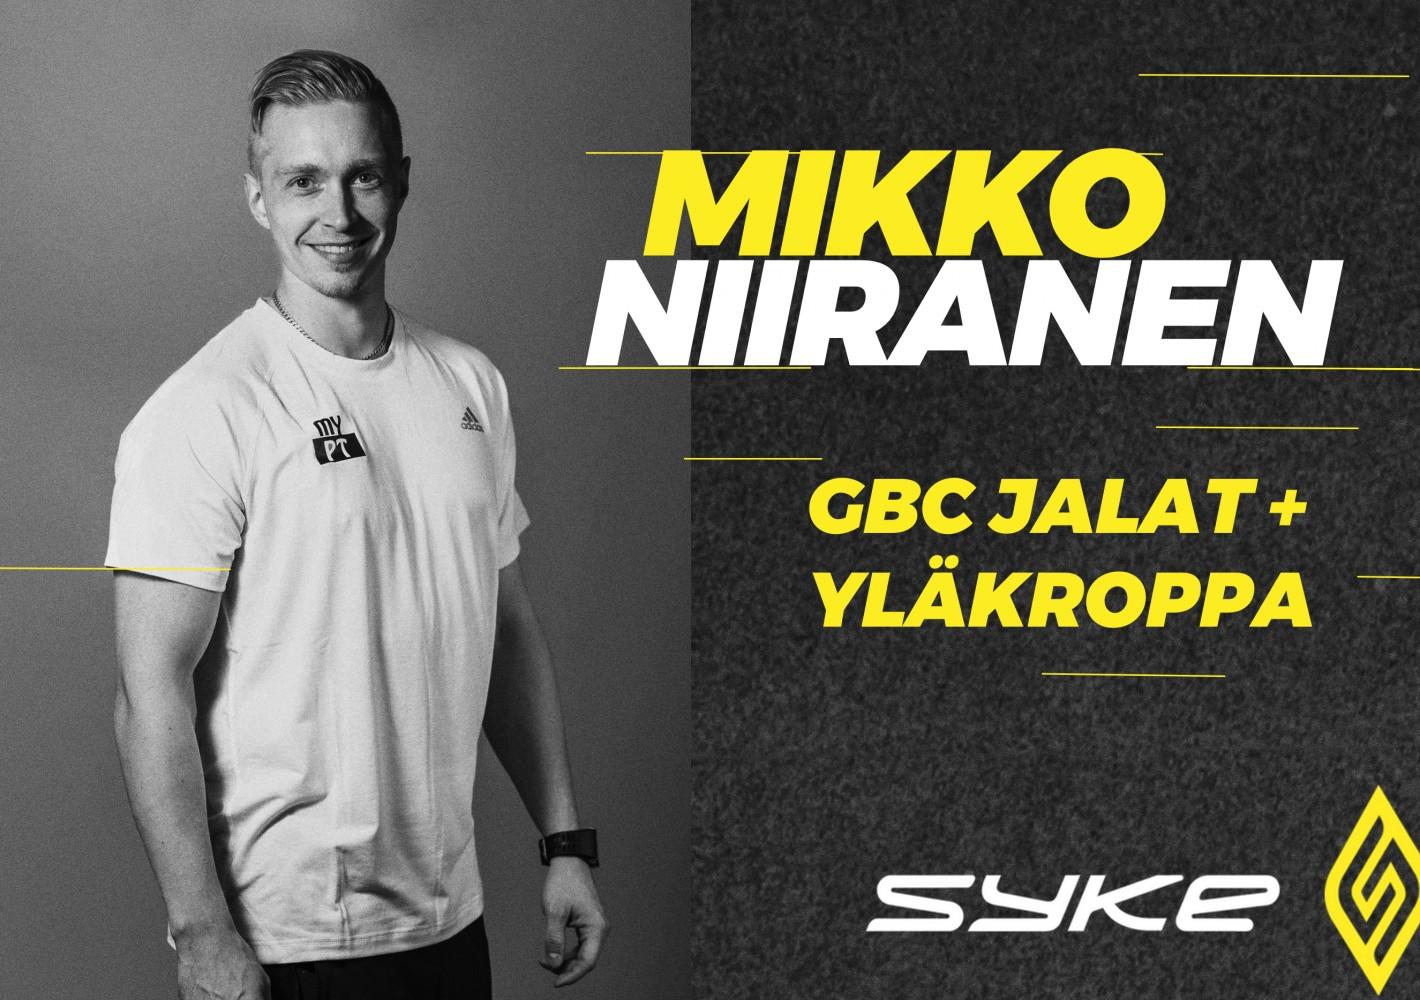 GBC jalat + yläkroppa by Mikko Niiranen